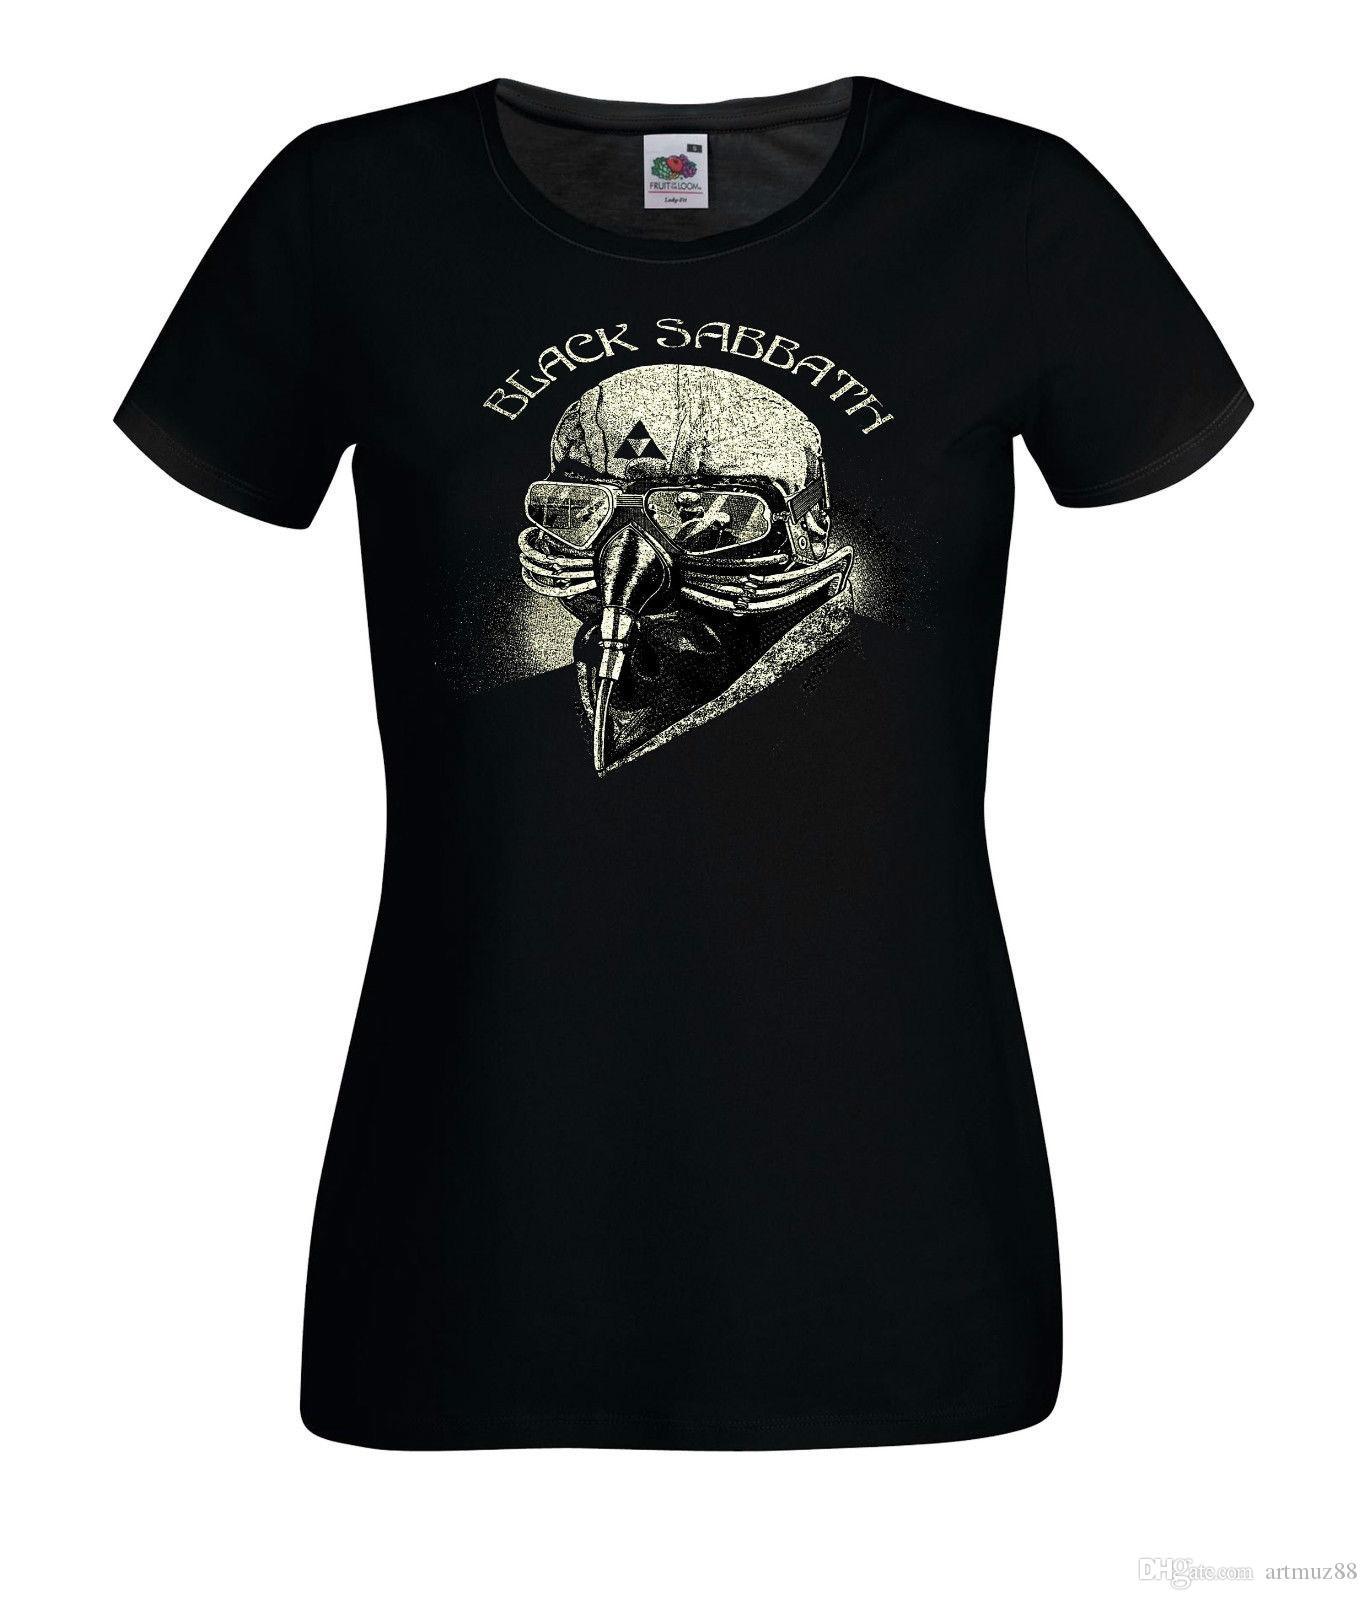 DAMEN WOMEN LADY BLACK T-SHIRT BLACK SABBATH 2 HEAVY METAL ROCK LANGARM//KURZARM